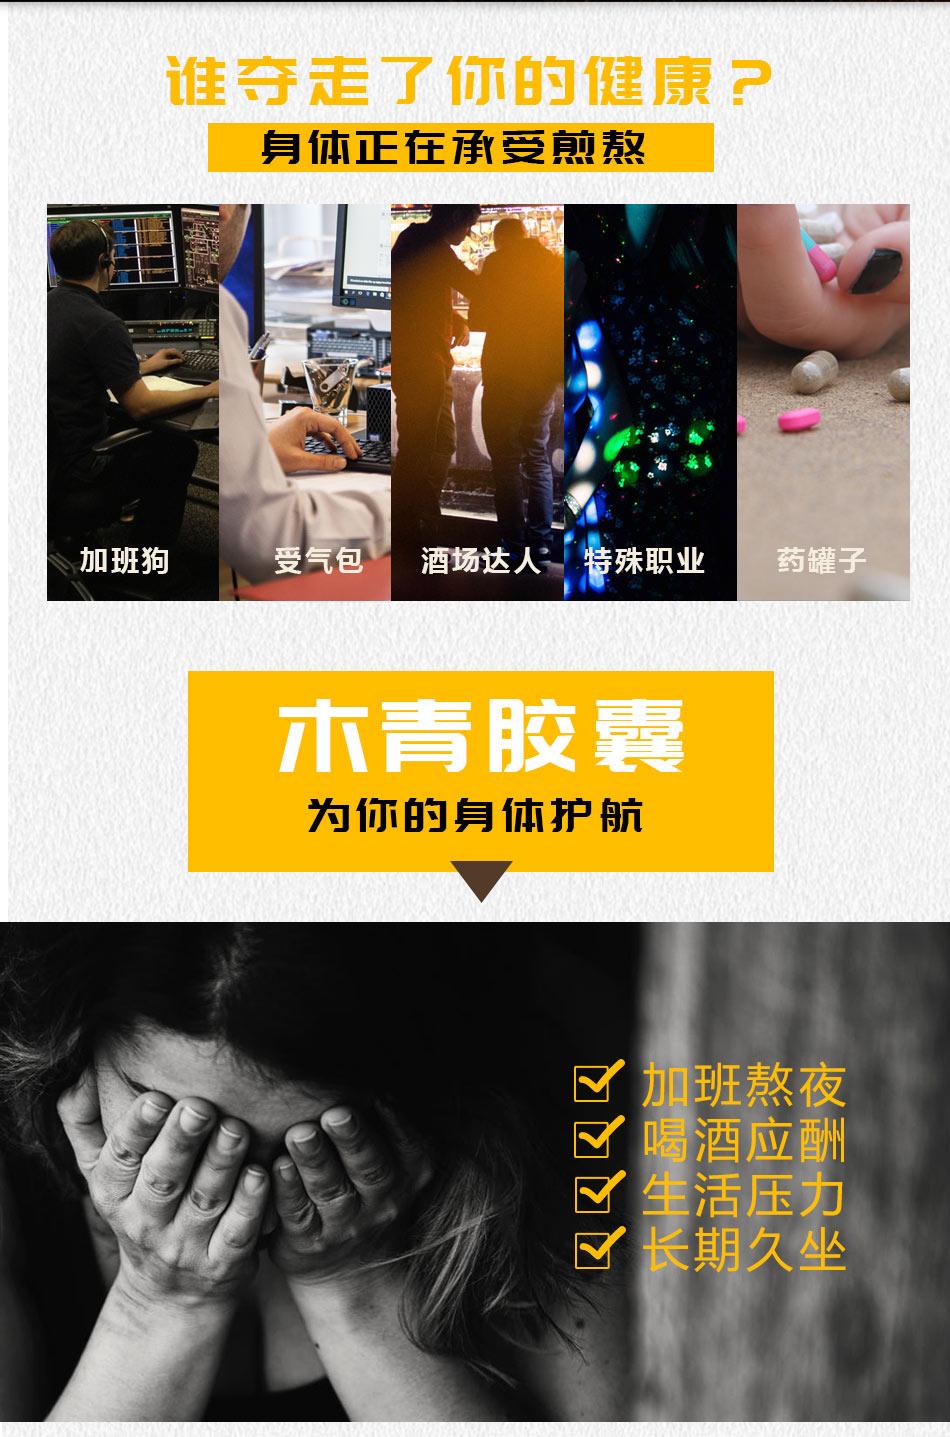 木青胶囊新版详情页20171225_02